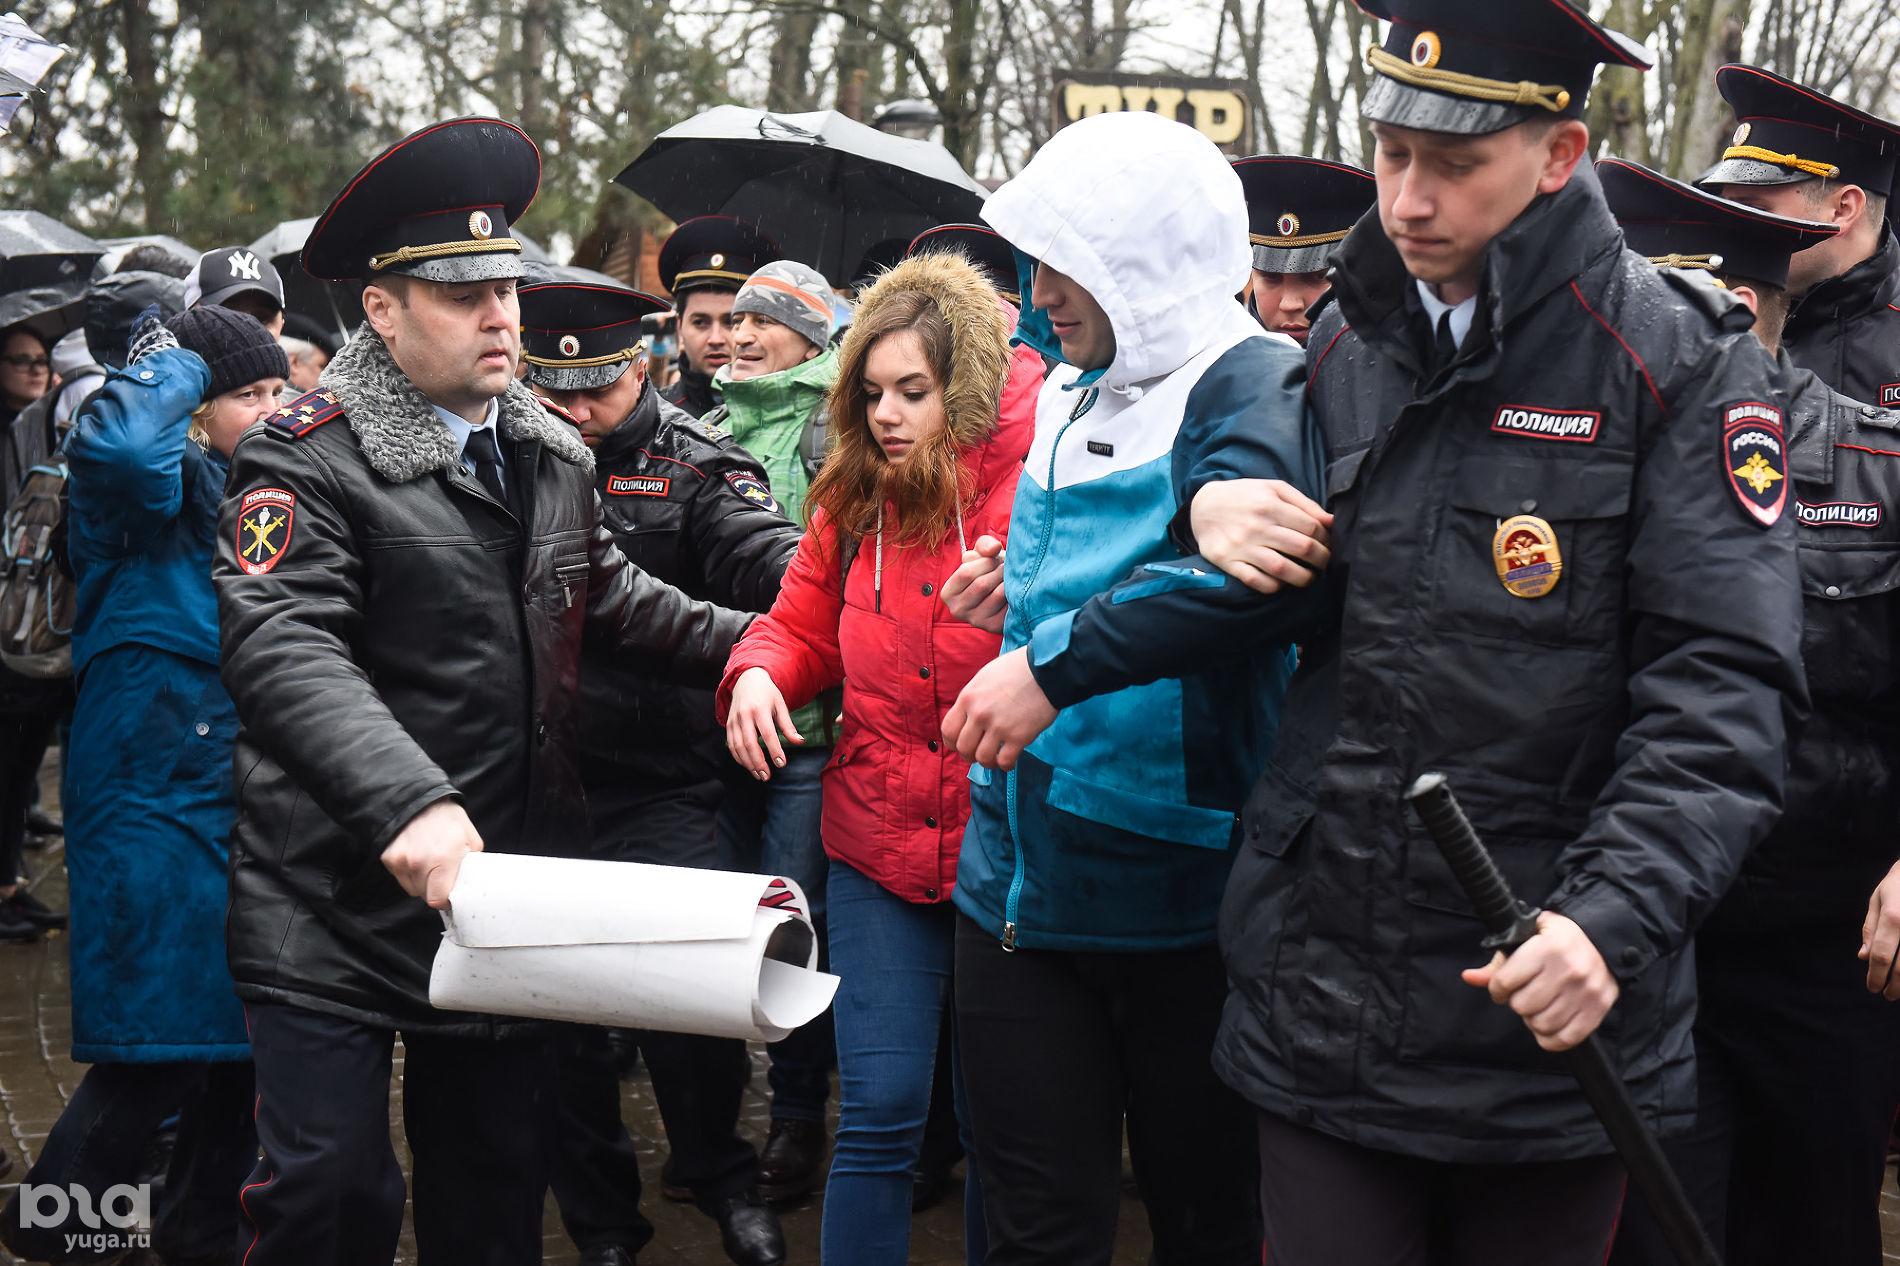 Акция сторонников Навального в Краснодаре 26 марта ©Фото Елены Синеок, Юга.ру